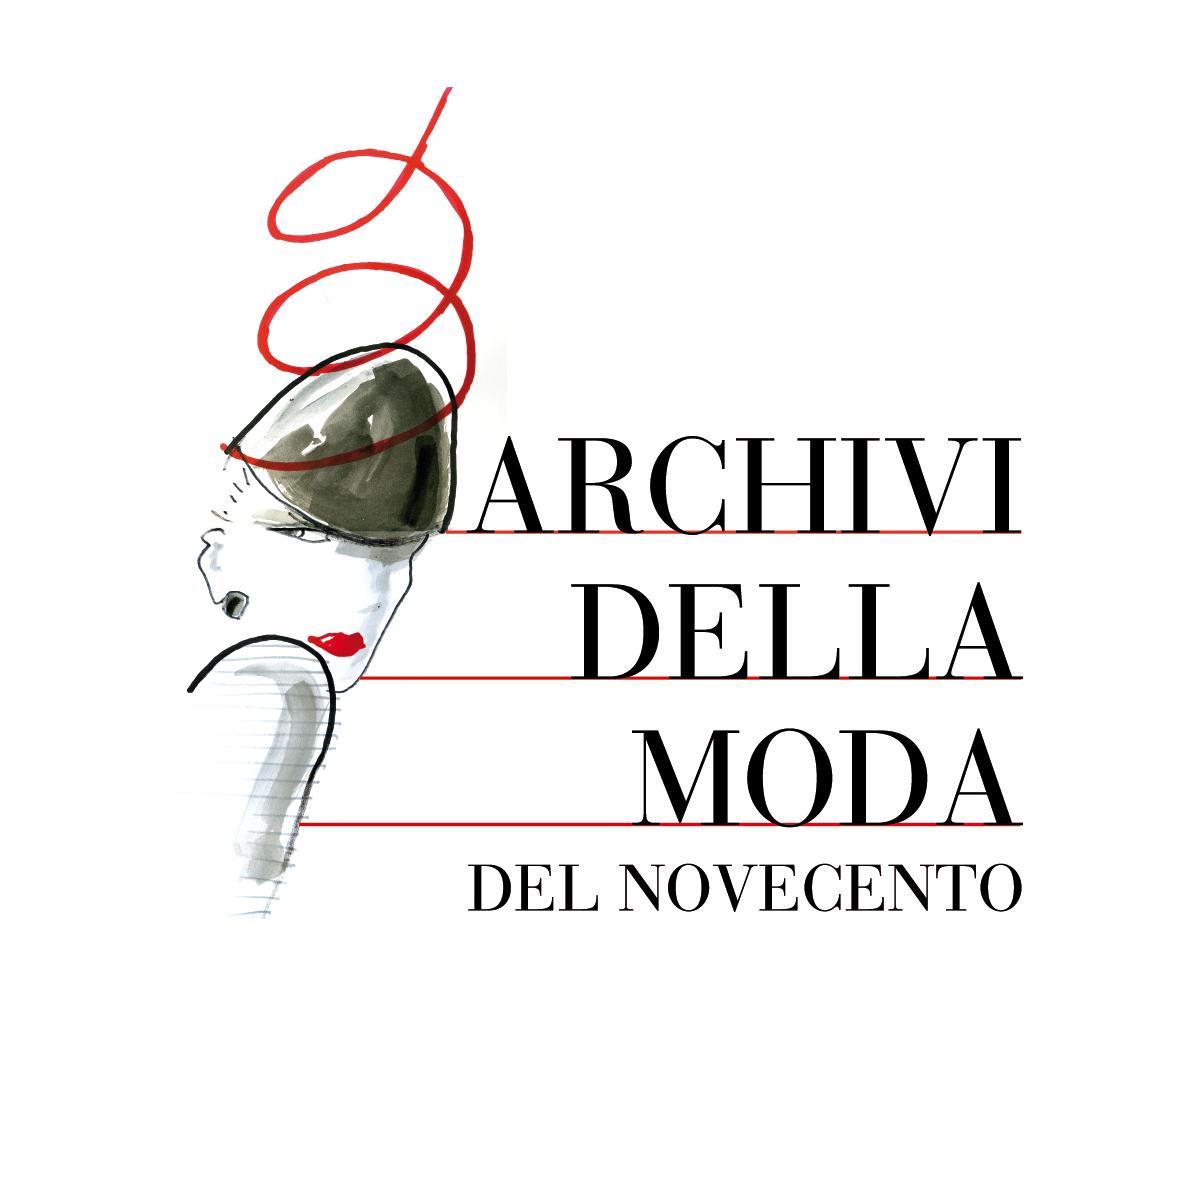 Archivi_della_moda_Lattuada